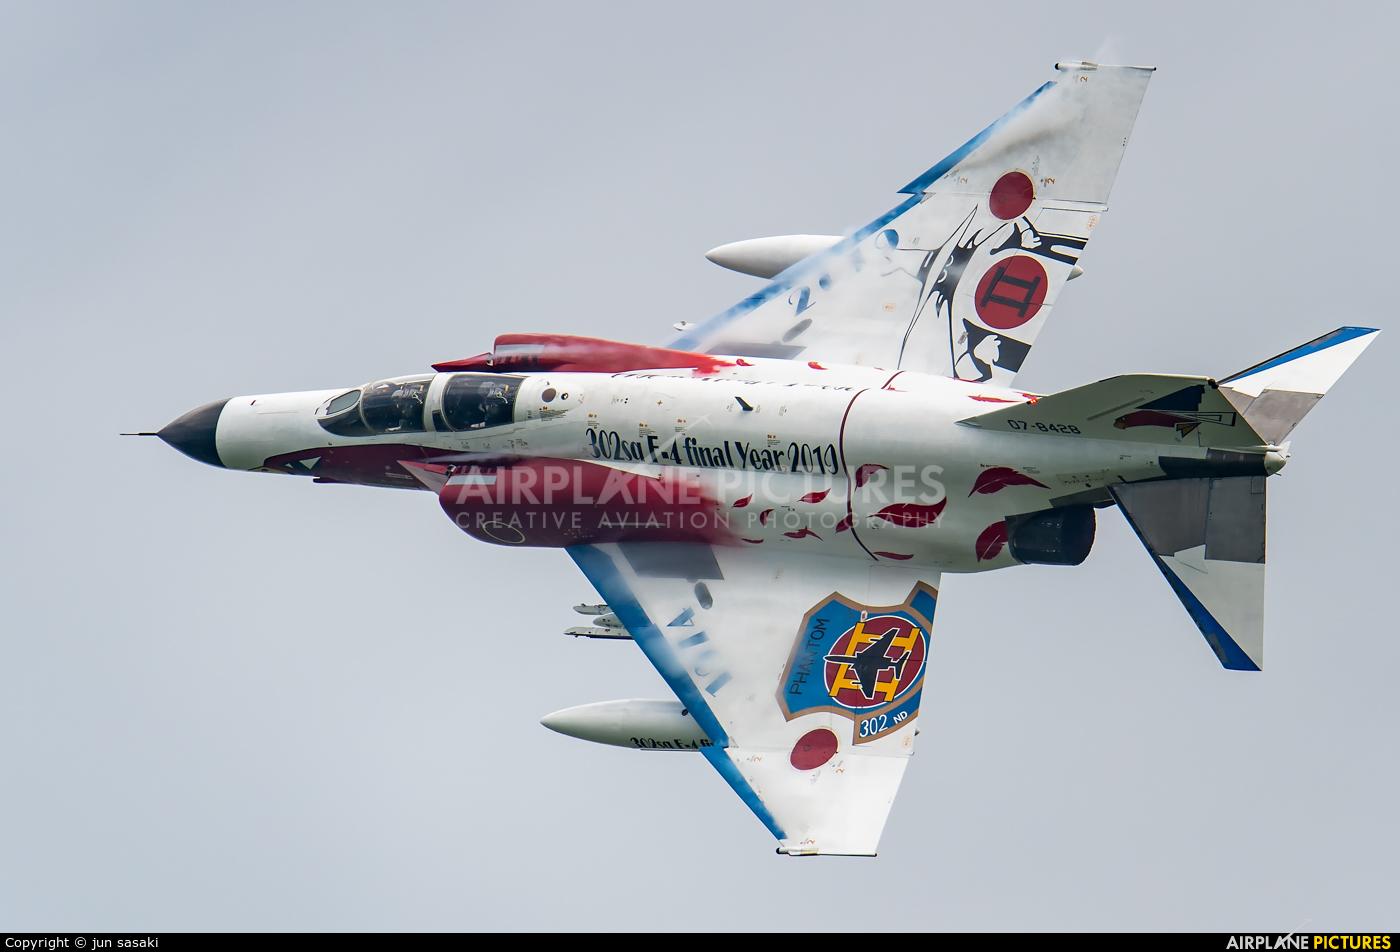 Japan - Air Self Defence Force 07-8428 aircraft at Matsushima AB